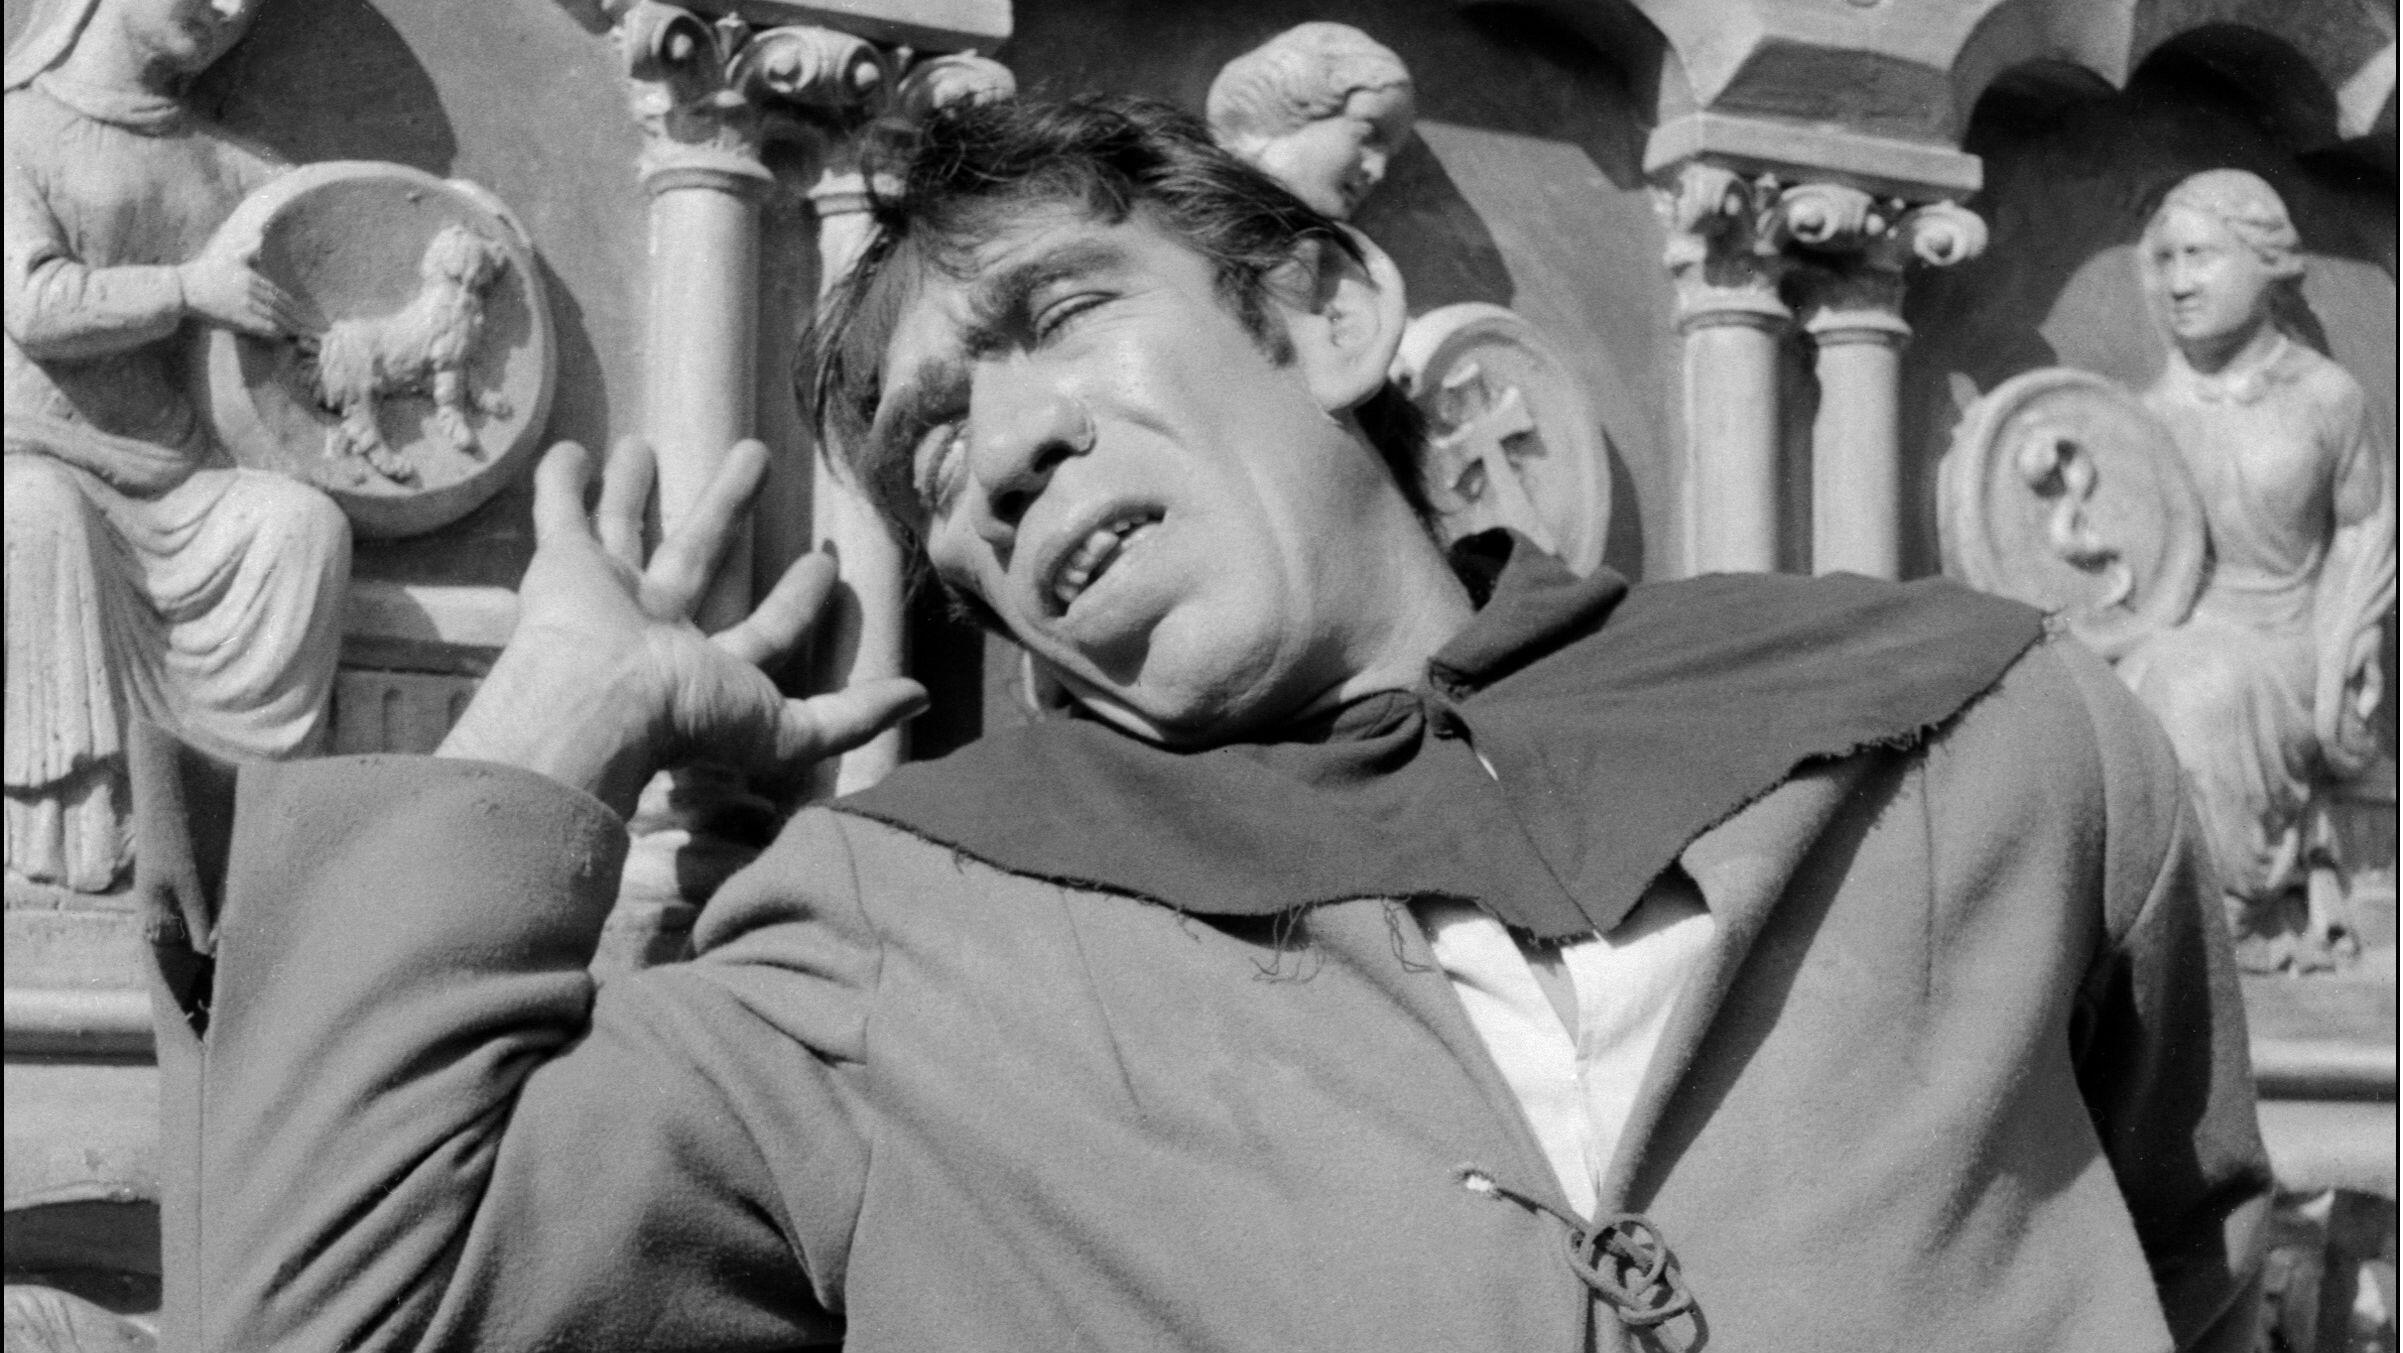 """En este archivo, foto tomada el 12 de julio de 1956, muestra al actor estadounidense Anthony Quinn interpretando el papel de Quasimodo en """"Notre Dame de Paris"""" (The Huntchback of Notre Dame), una película de Jean Delannoy, 1956."""